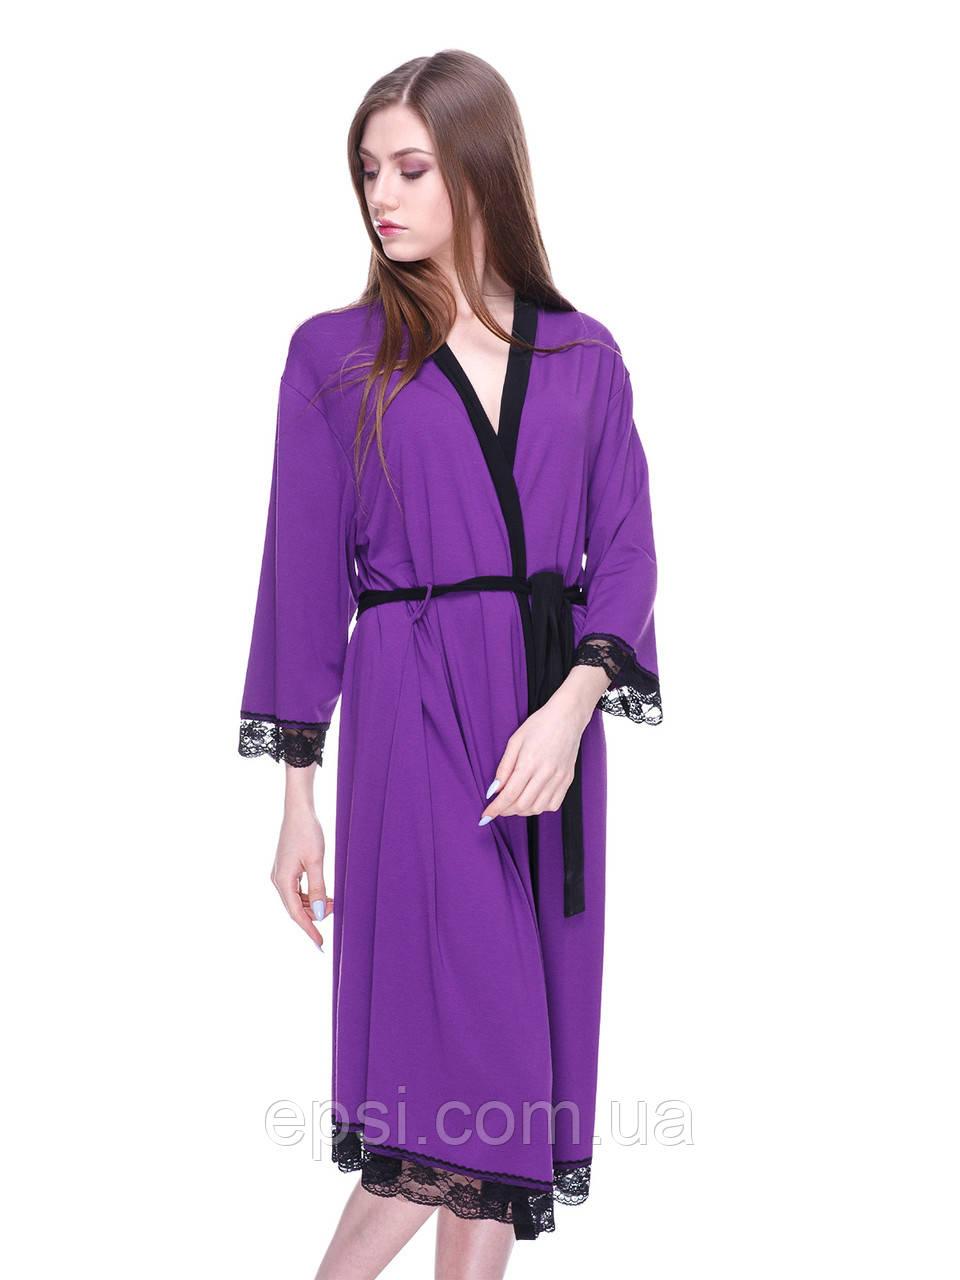 Халат Aniele 17301(Б17301) S фиолетовый